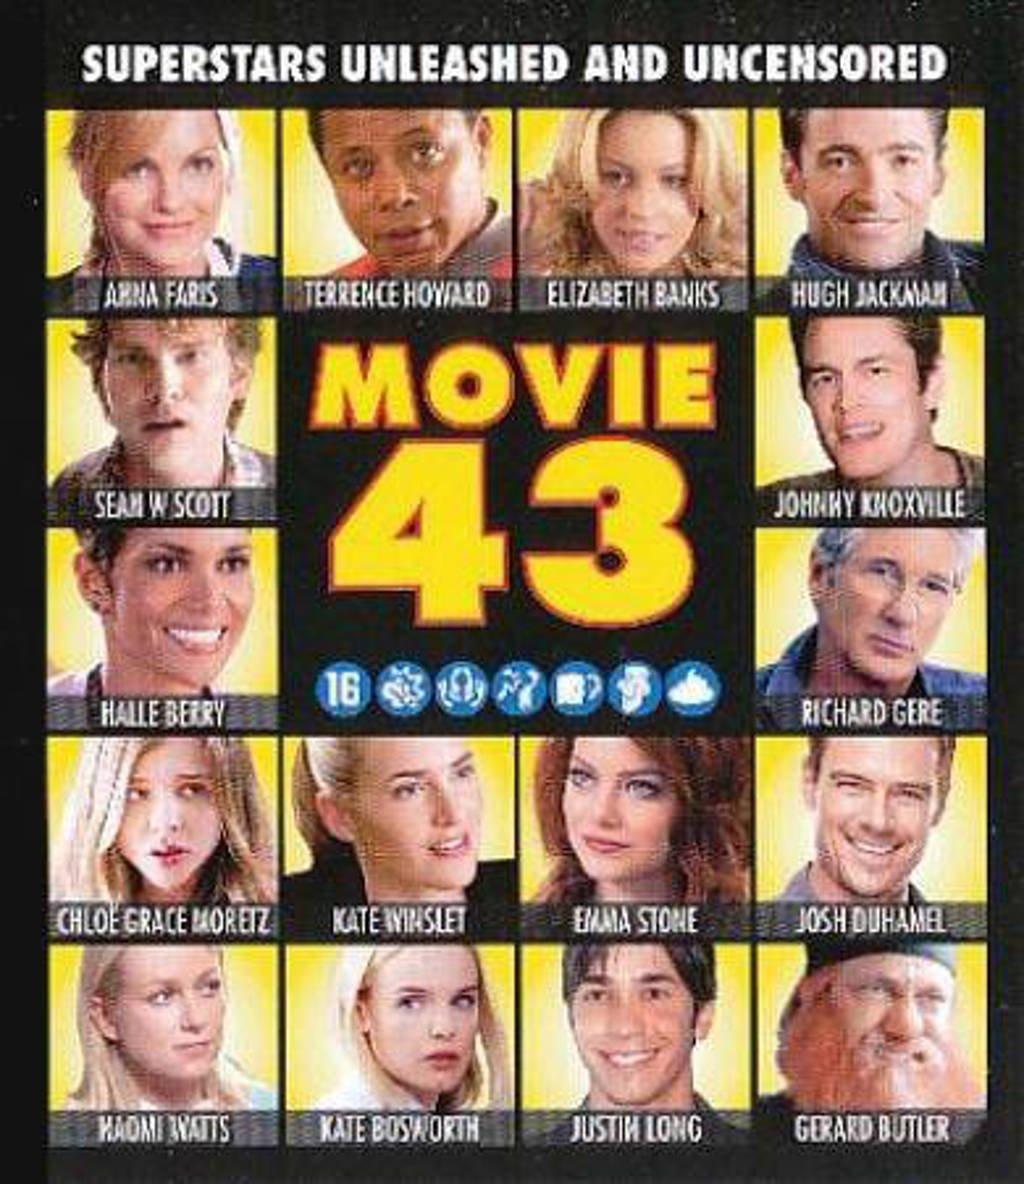 Movie 43 (Blu-ray)